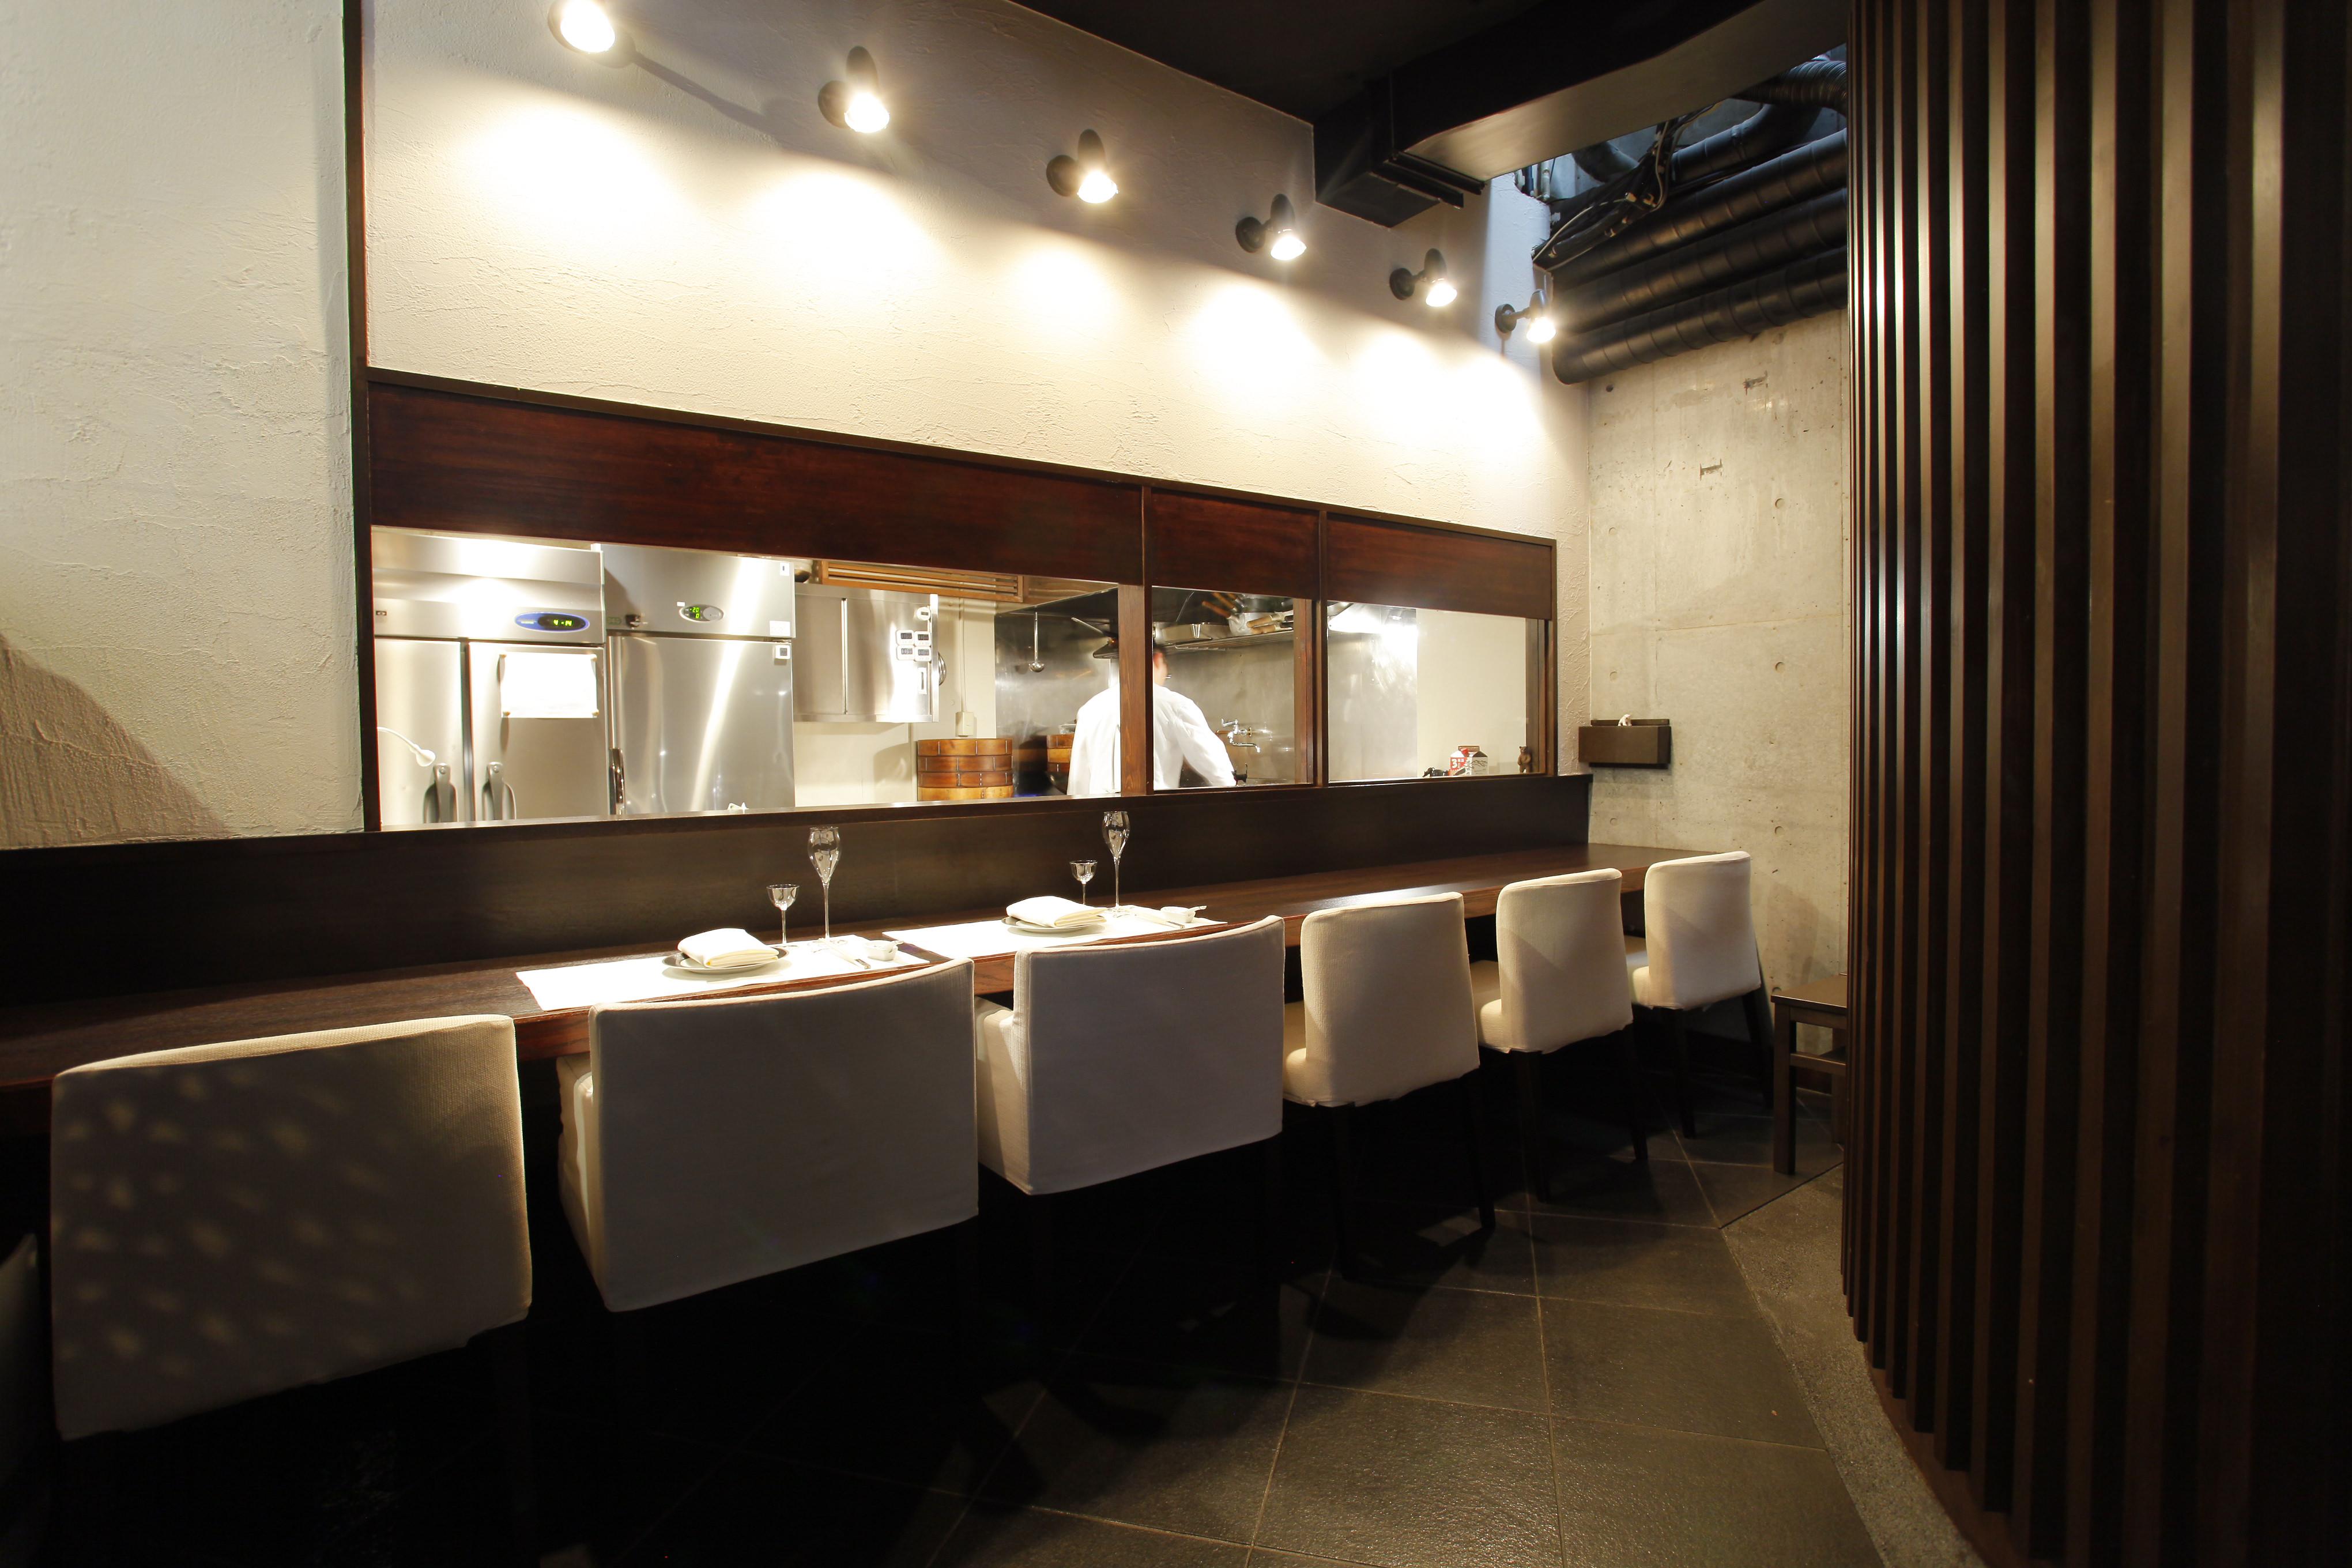 Shao Shon Hanten interior